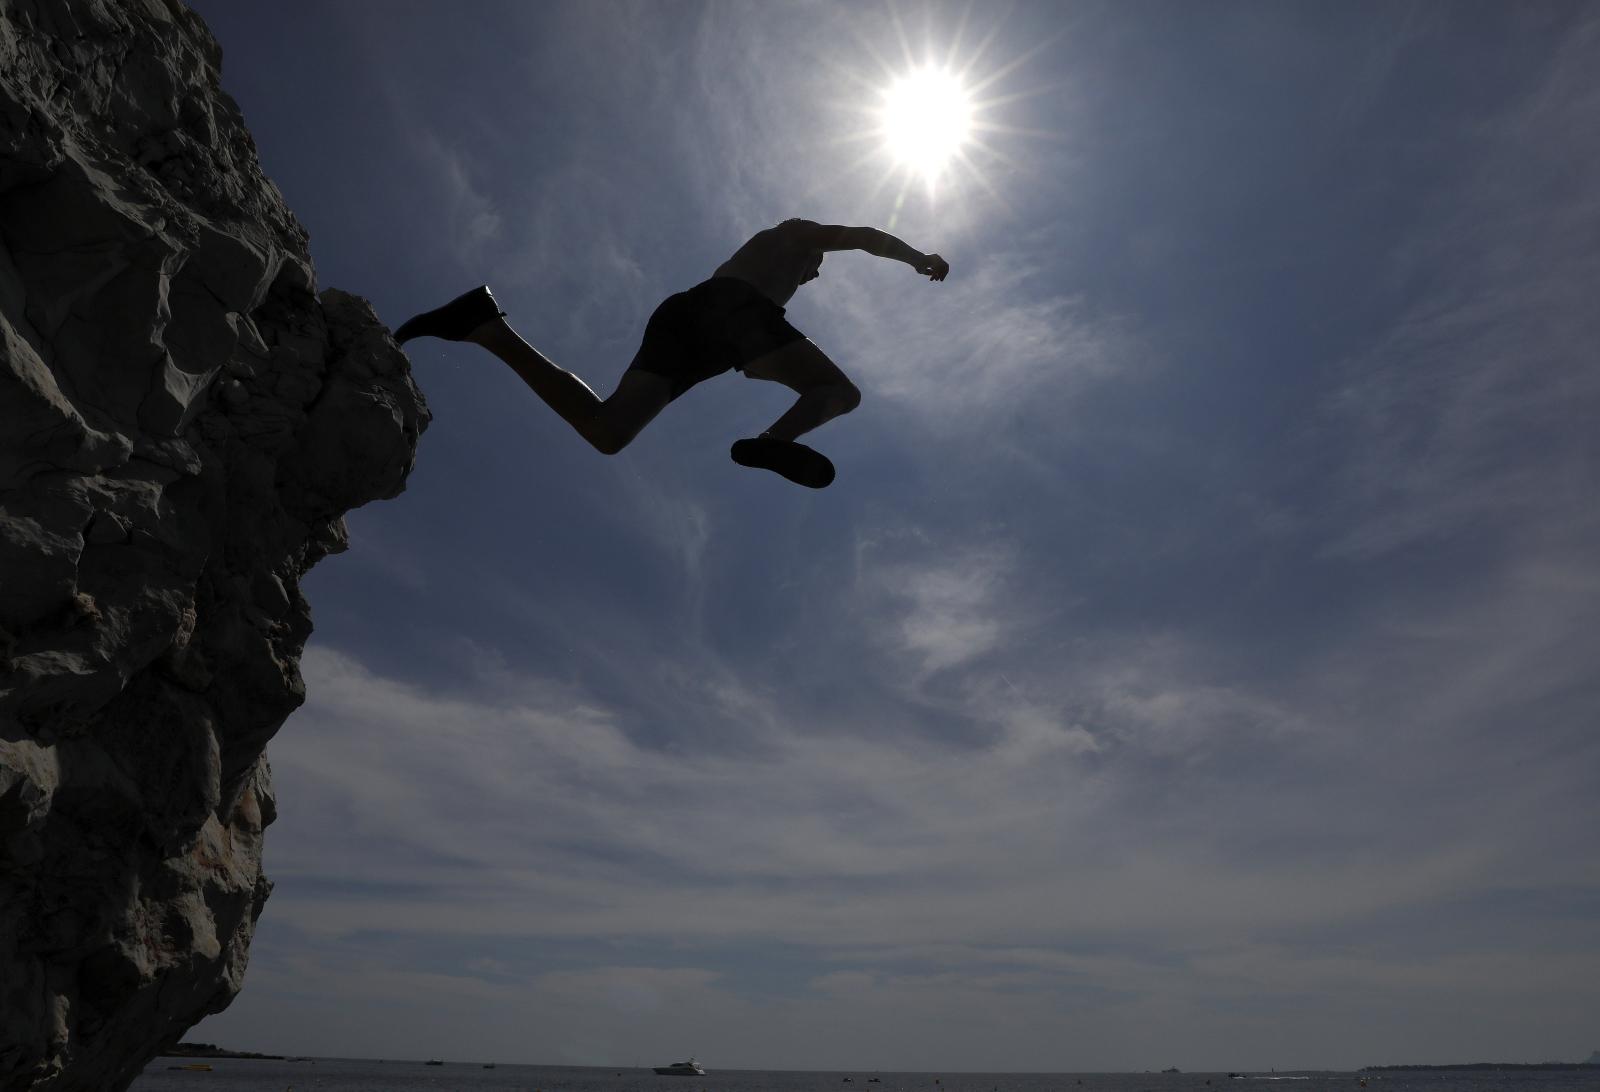 Letni dzień we Francji Fot. EPA/SEBASTIEN NOGIER